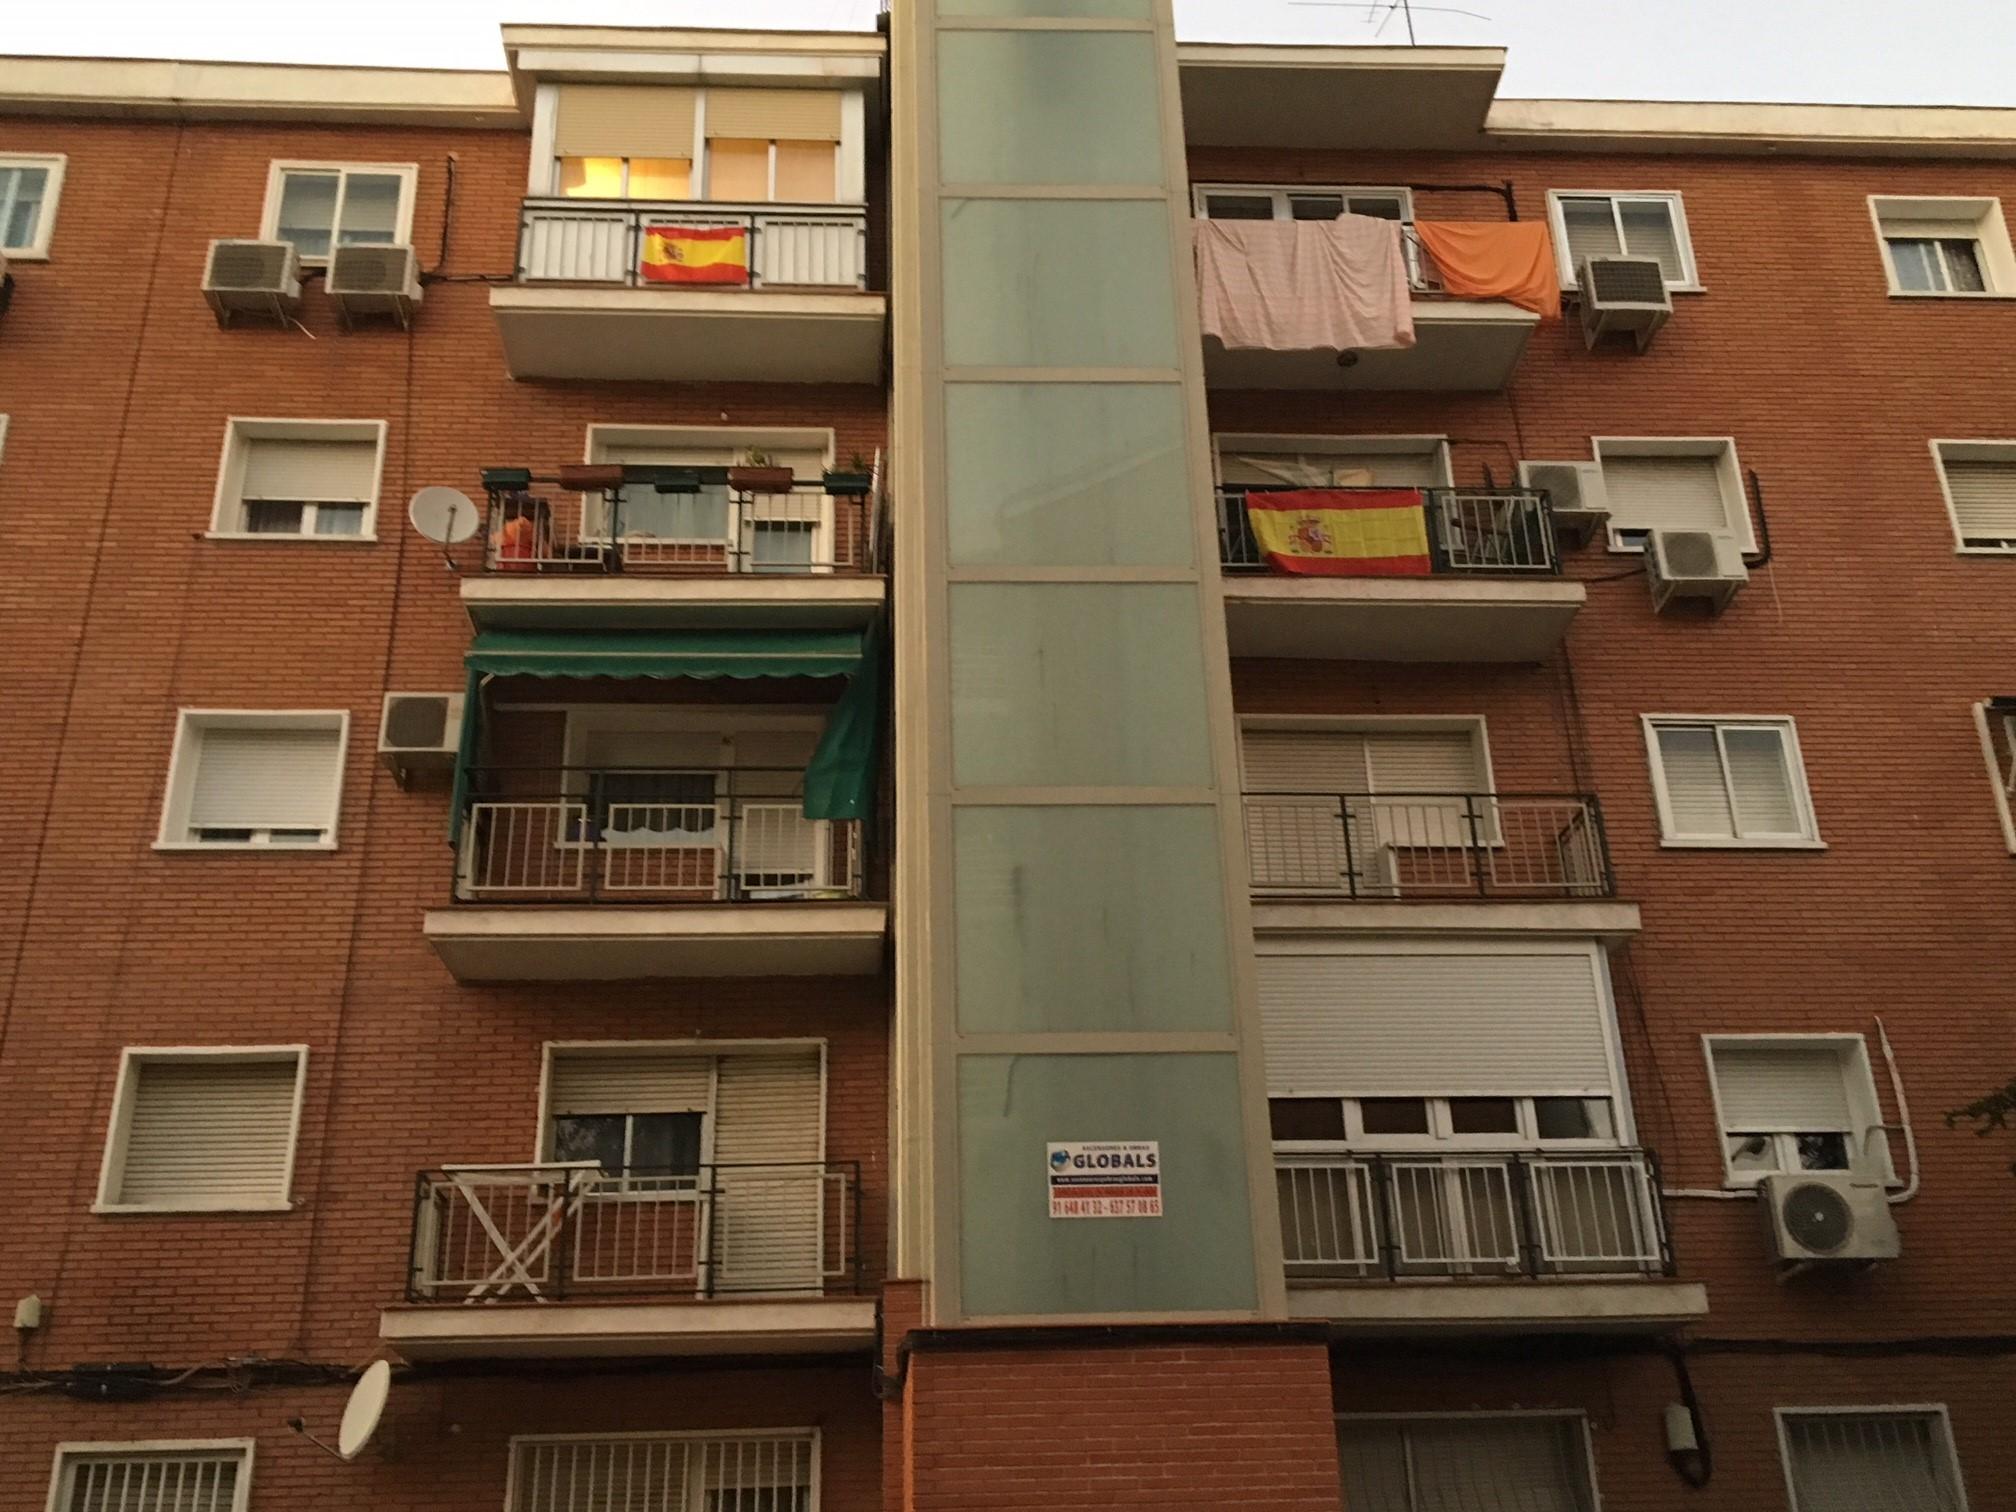 Les espagnols devant les mairies pour inciter au dialogue for Domon siege social